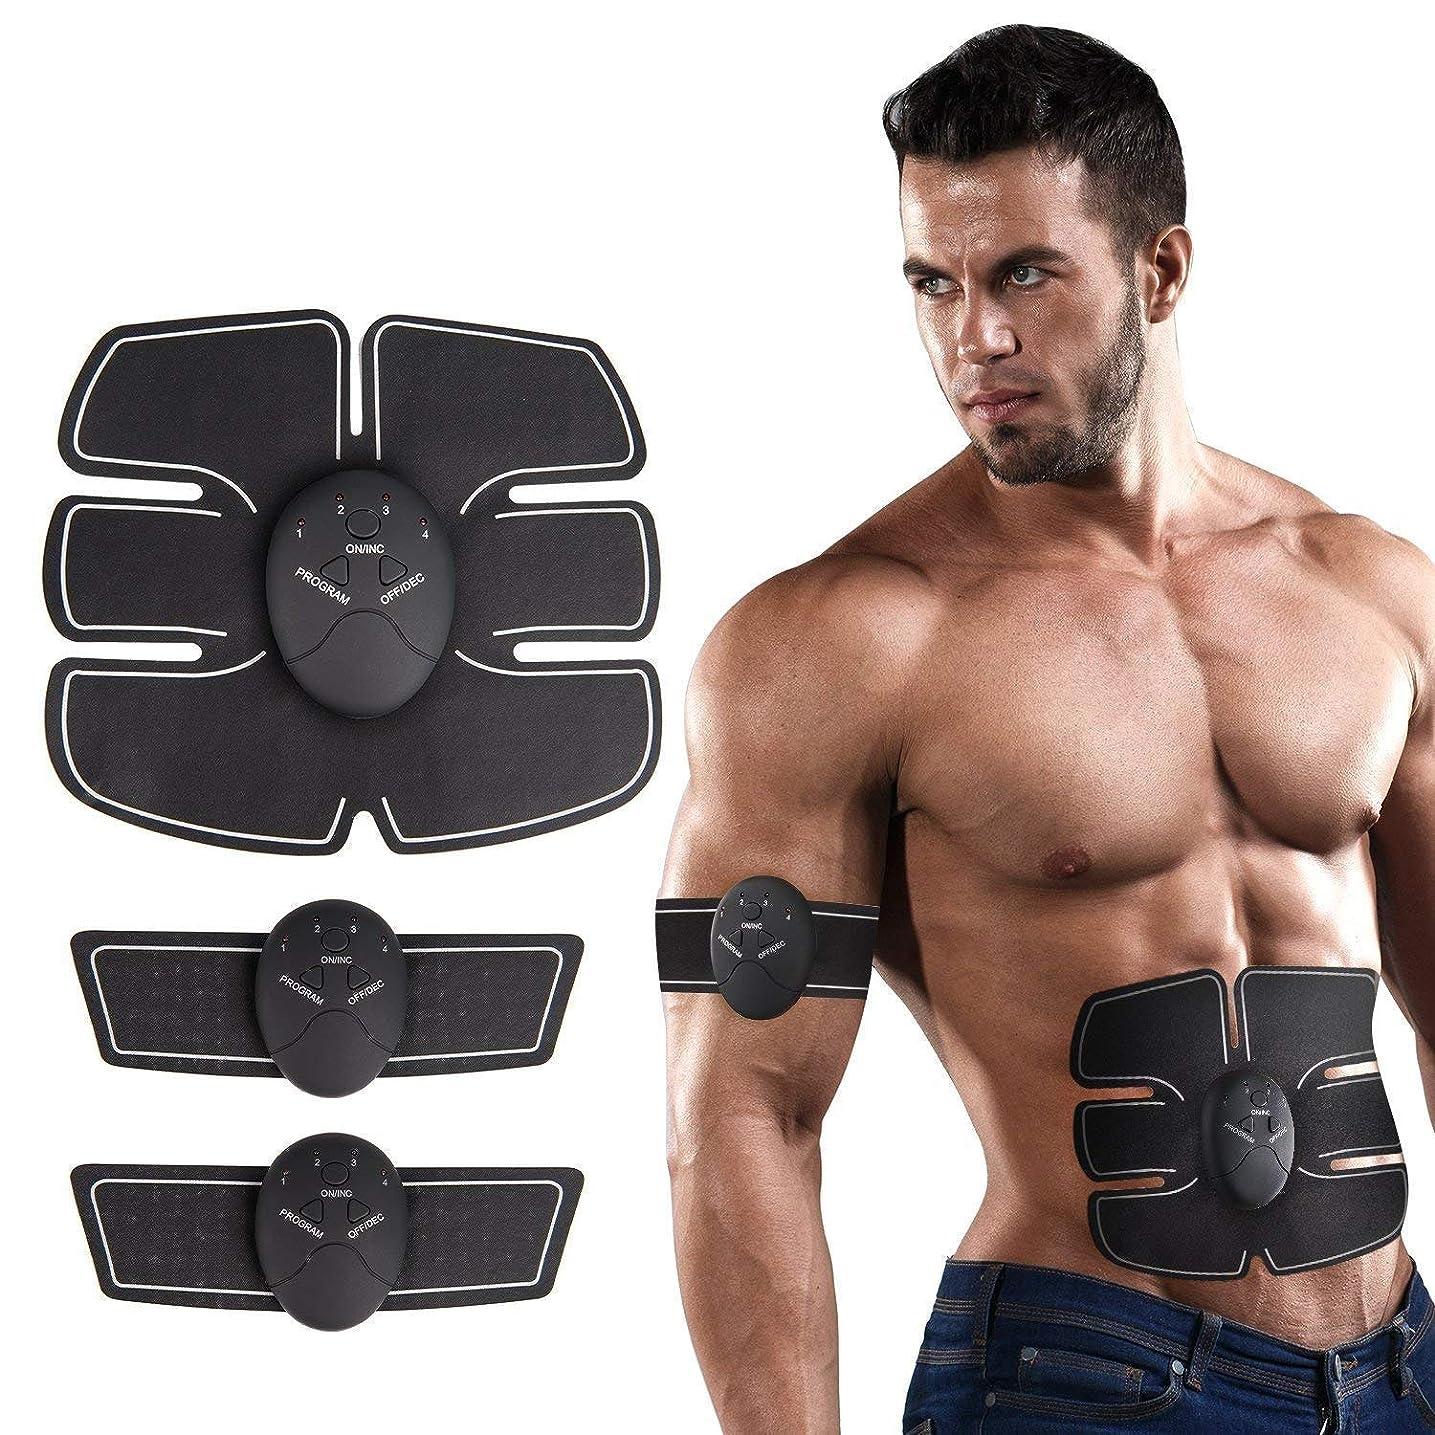 ますます魔女領事館フィットネス腹筋トレーナーEMS筋刺激剤筋トナー腹筋マッサージ器、家庭用ユニセックスUSB充電腹部/腕/脚重量を減らすためのトレーニング腹筋トレーニング